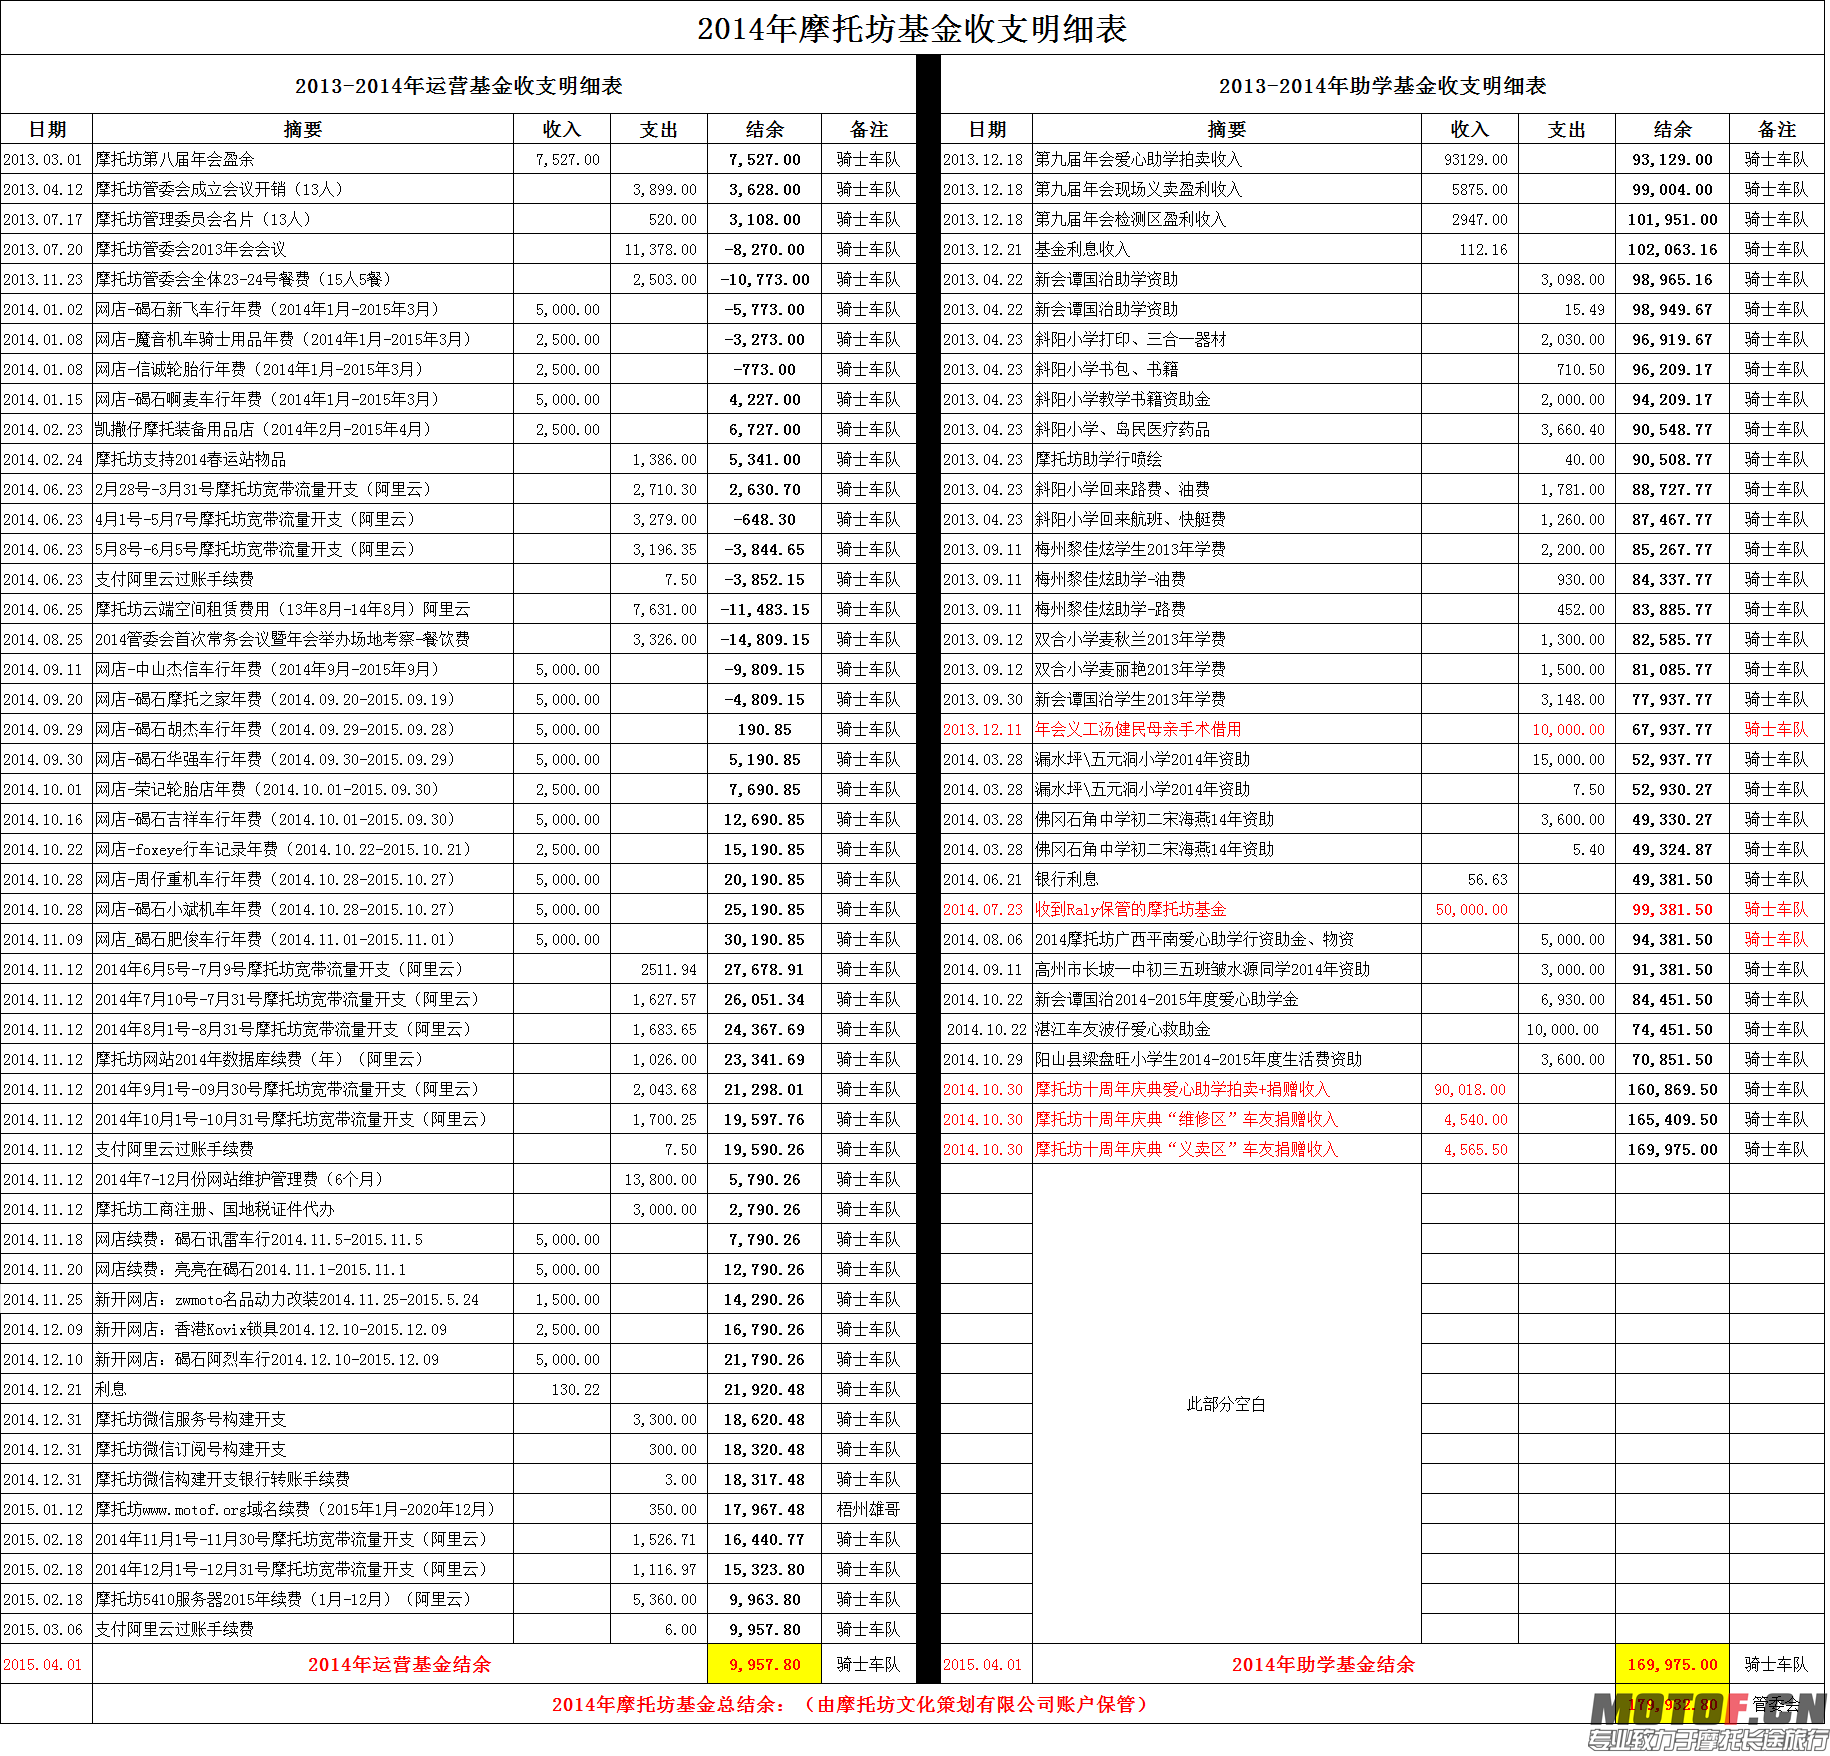 图4摩托坊基金财务公告表四:2014摩托坊基金财务表(骑士车队).png